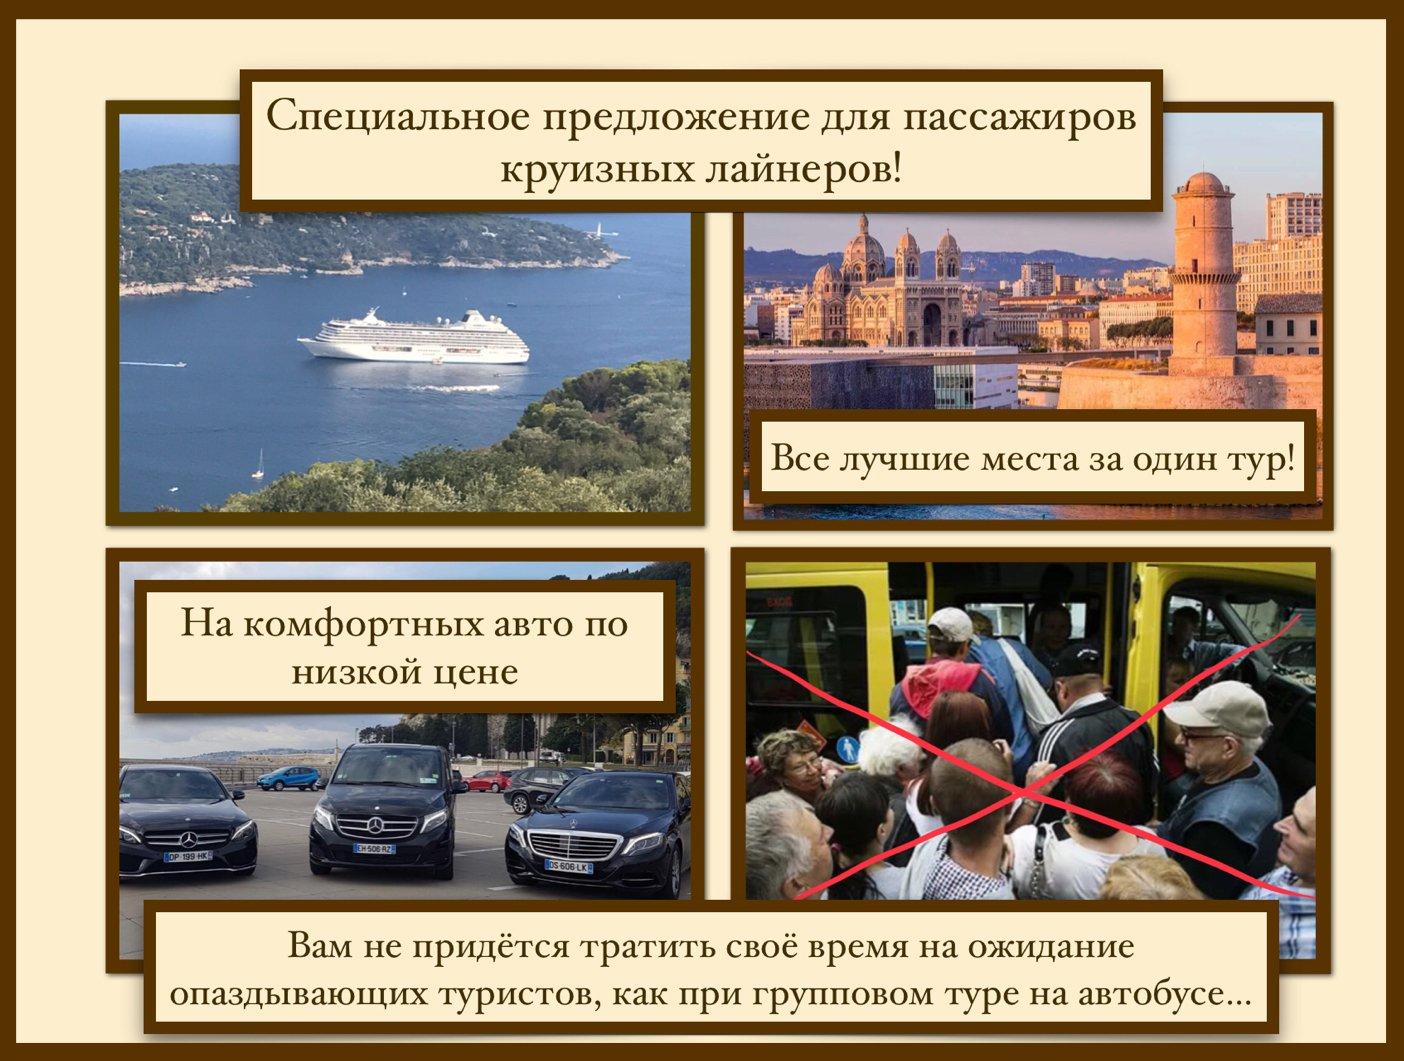 Для пассажиров с круизного лайнера!